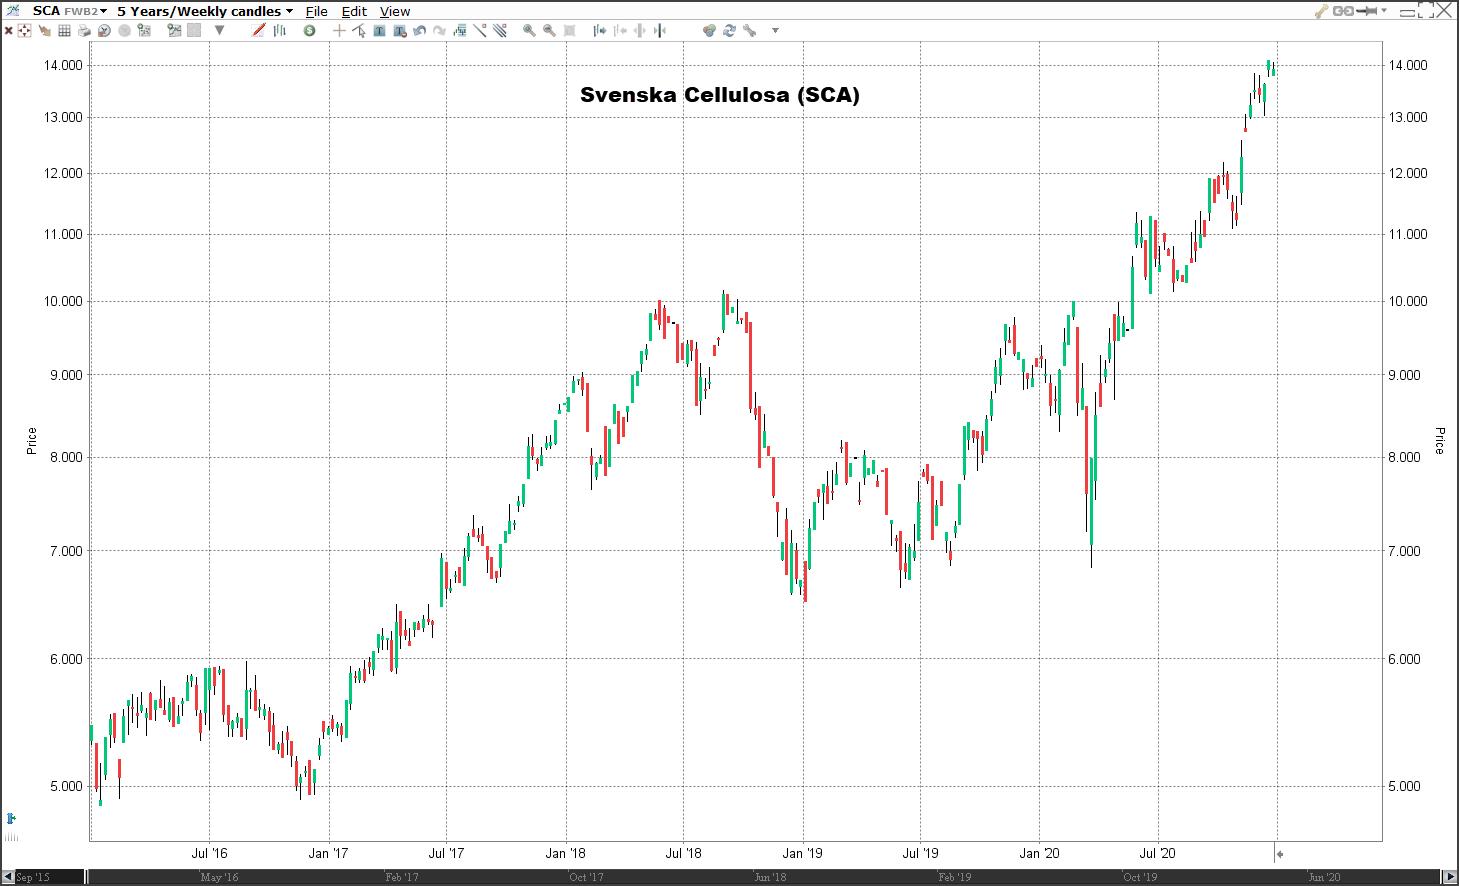 Aandeel Svenska Cellulosa koers | Welke aandelen kopen 2021?